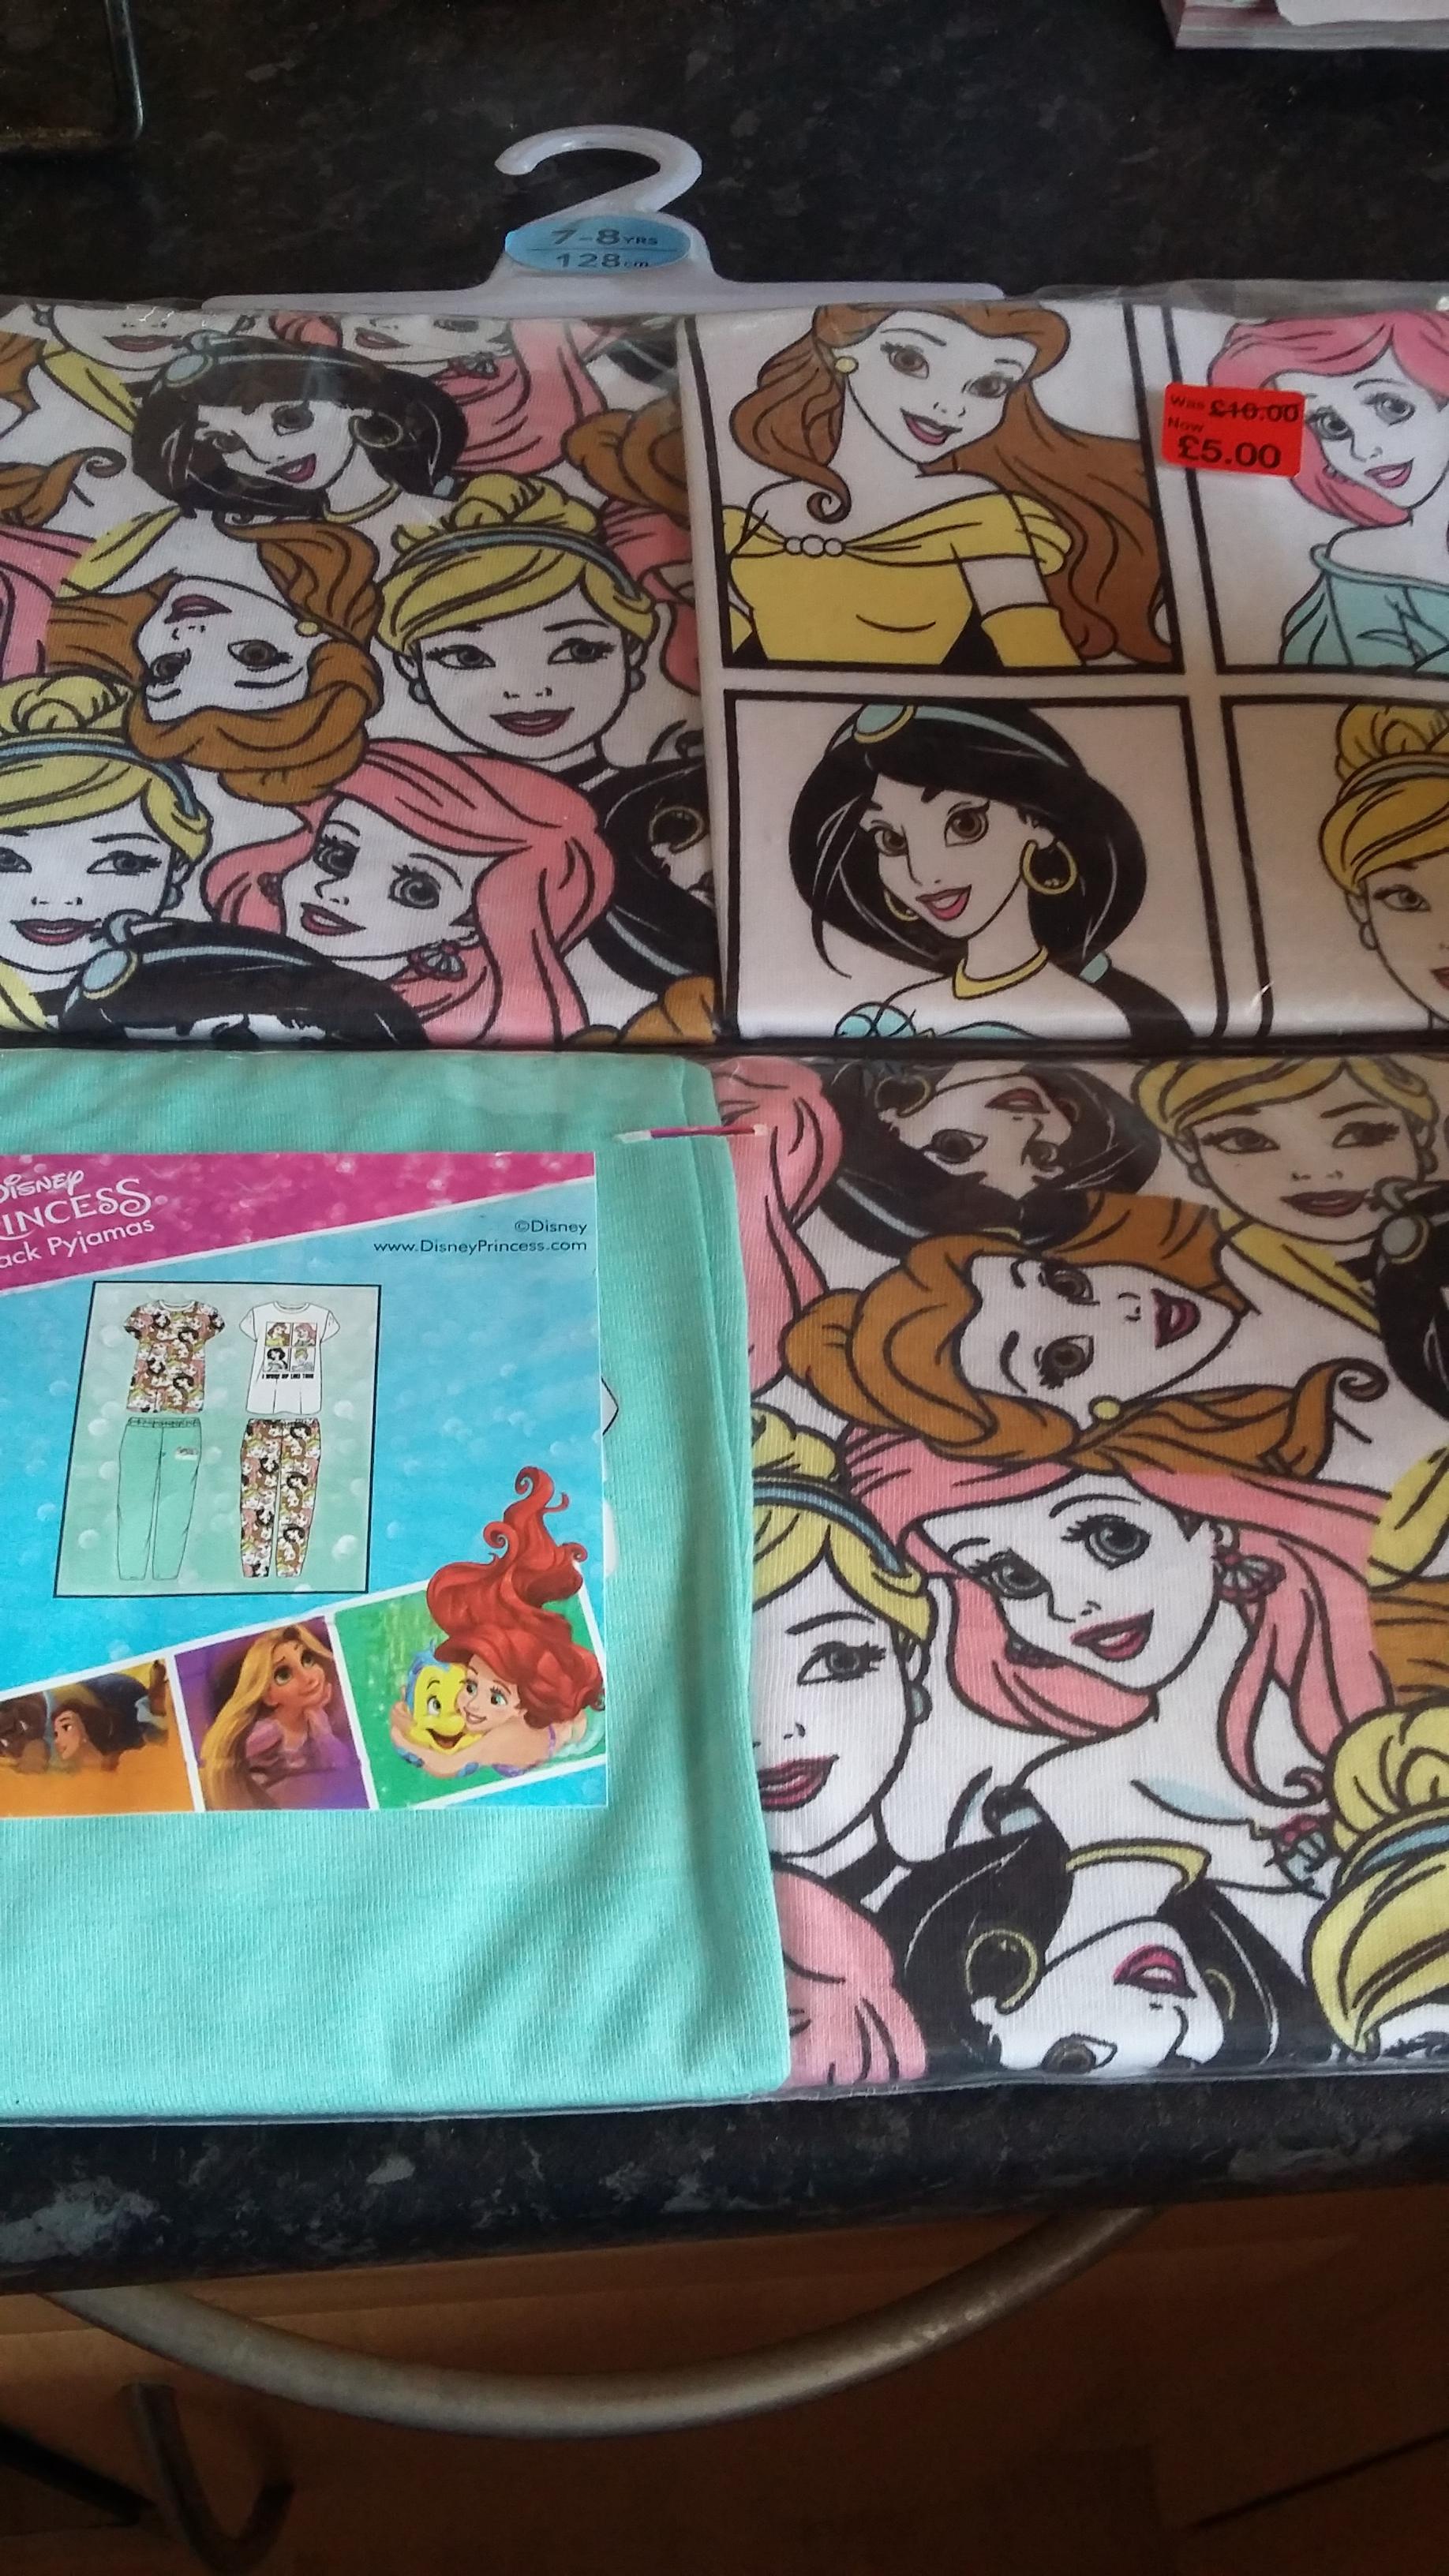 PRIMARK Disney Princess Cotton Pyjamas x 2 pairs for £5 instore (Livingston)